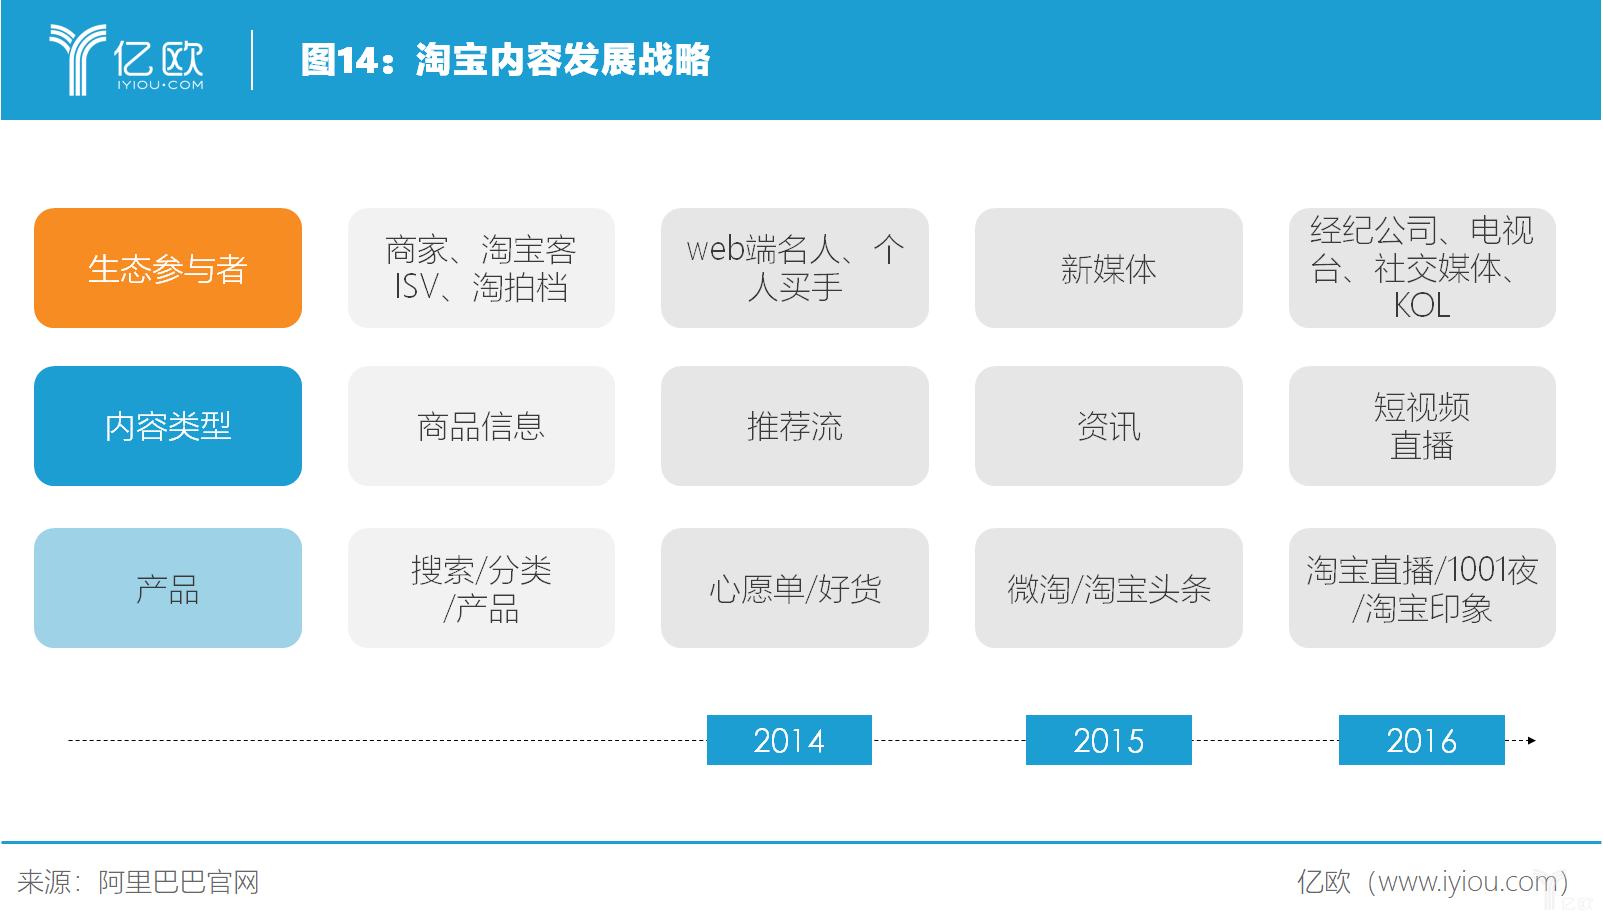 亿欧智库:淘宝内容发展战略